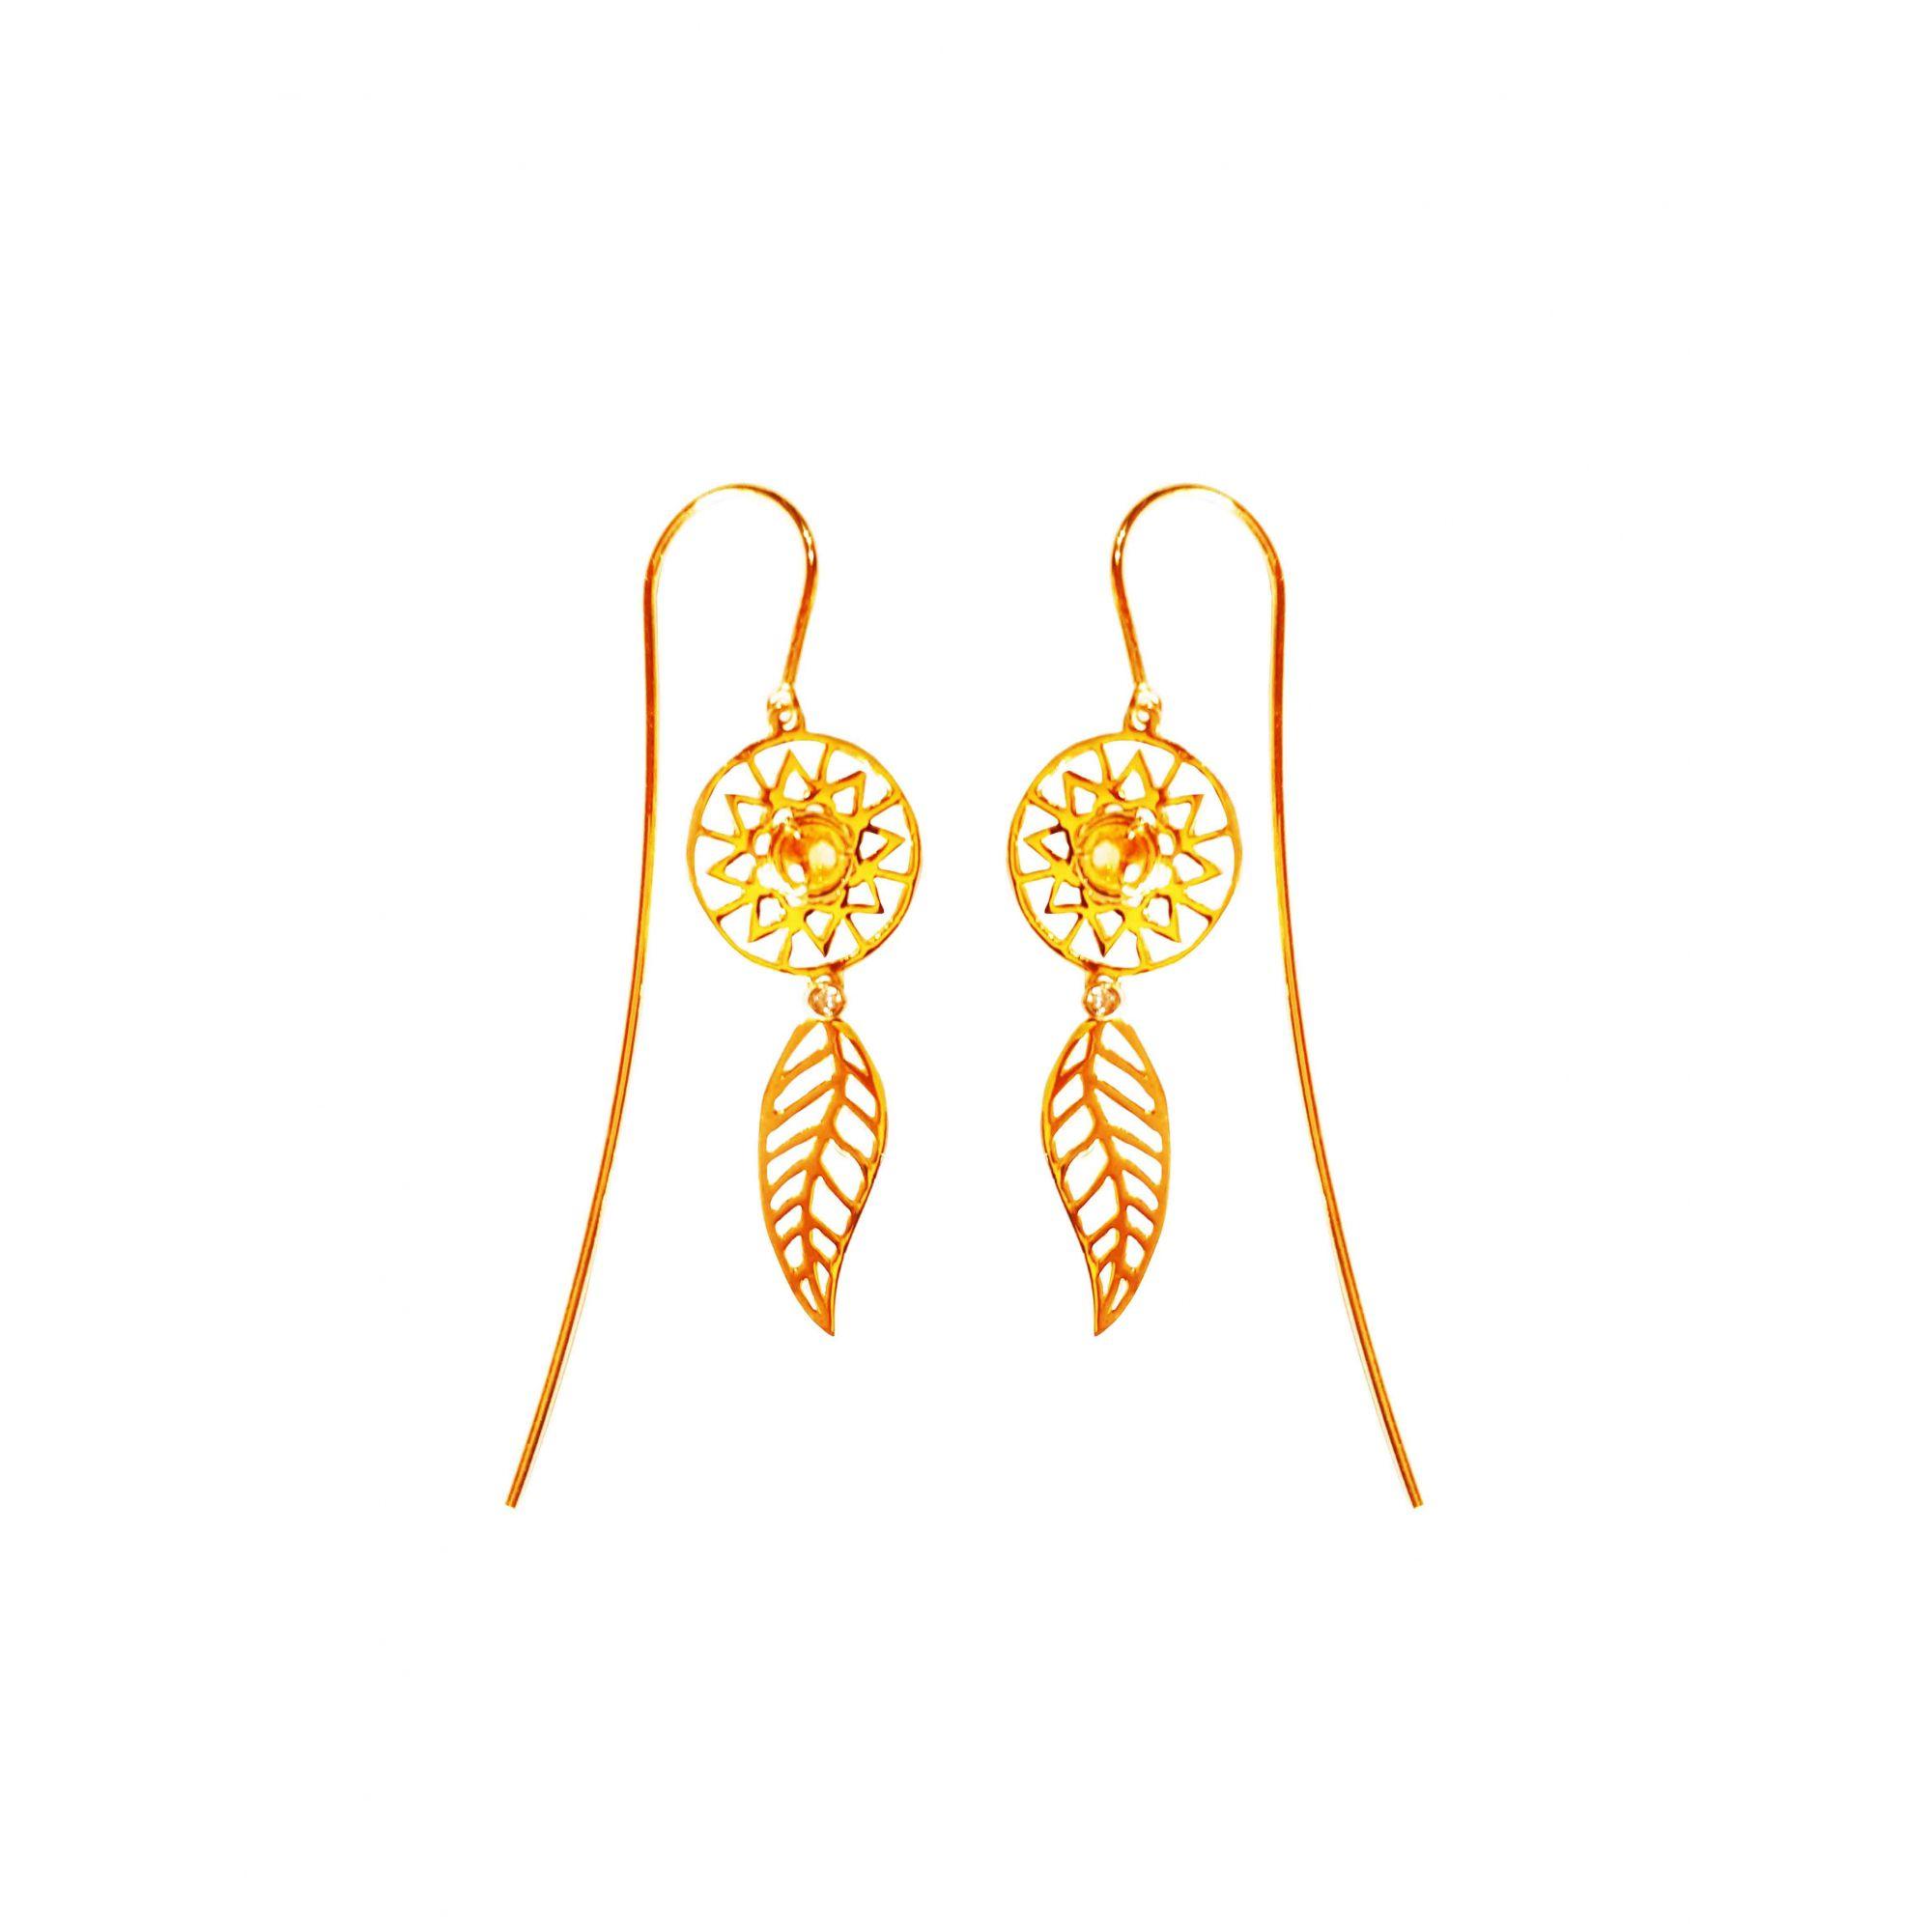 Brincos Ouro Amarelo 18k Filtro dos Sonhos L 16.6